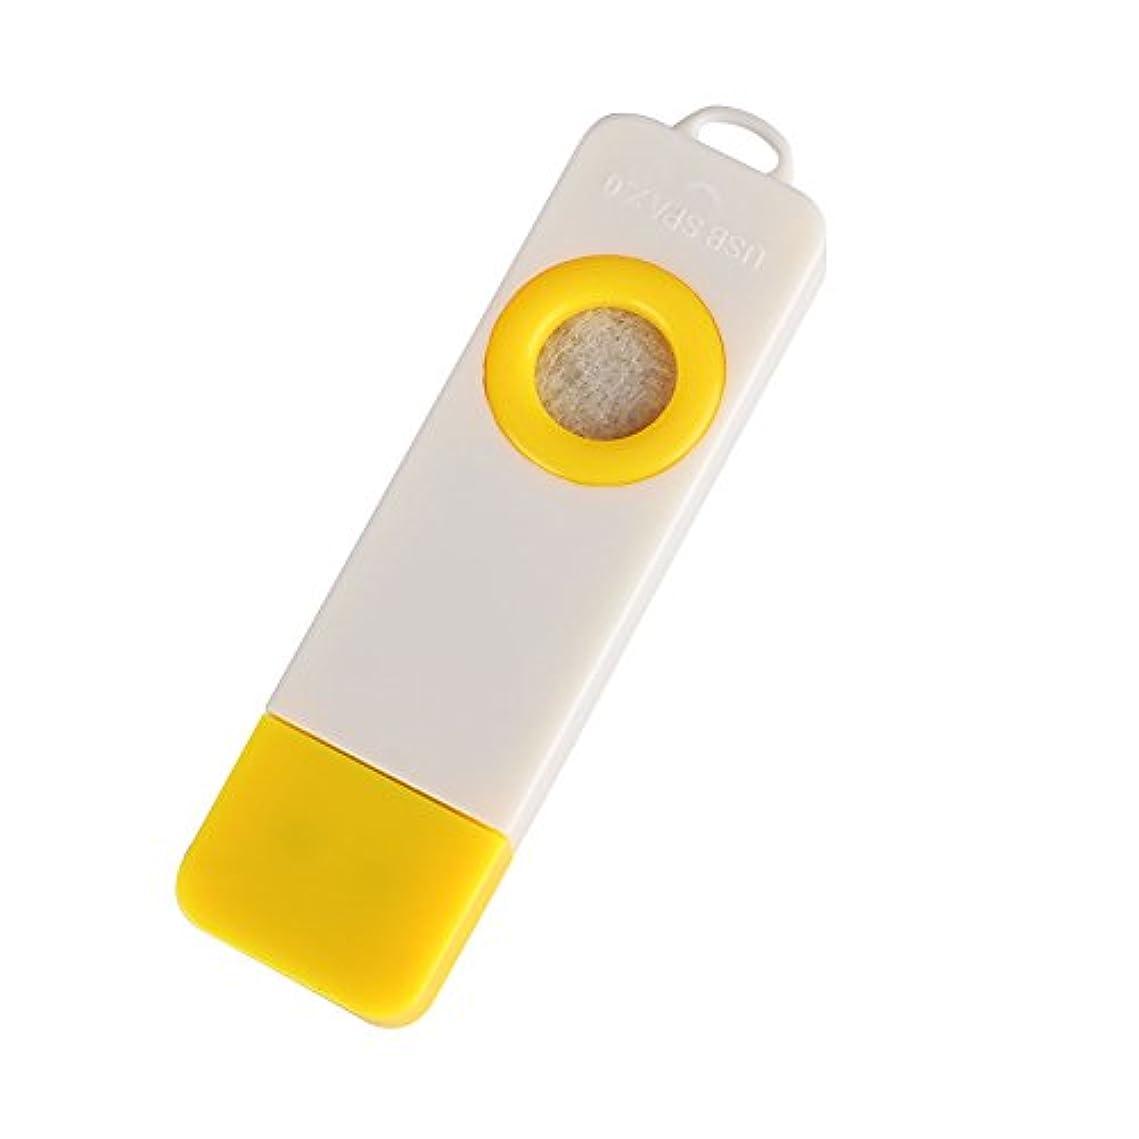 TOPmountain ファッションミニ USBアロマセラピーディフューザー ポータブル自動香 カーアクセサリーアクセサリー ホームアロマセラピー 健康アロマ オイル加湿器